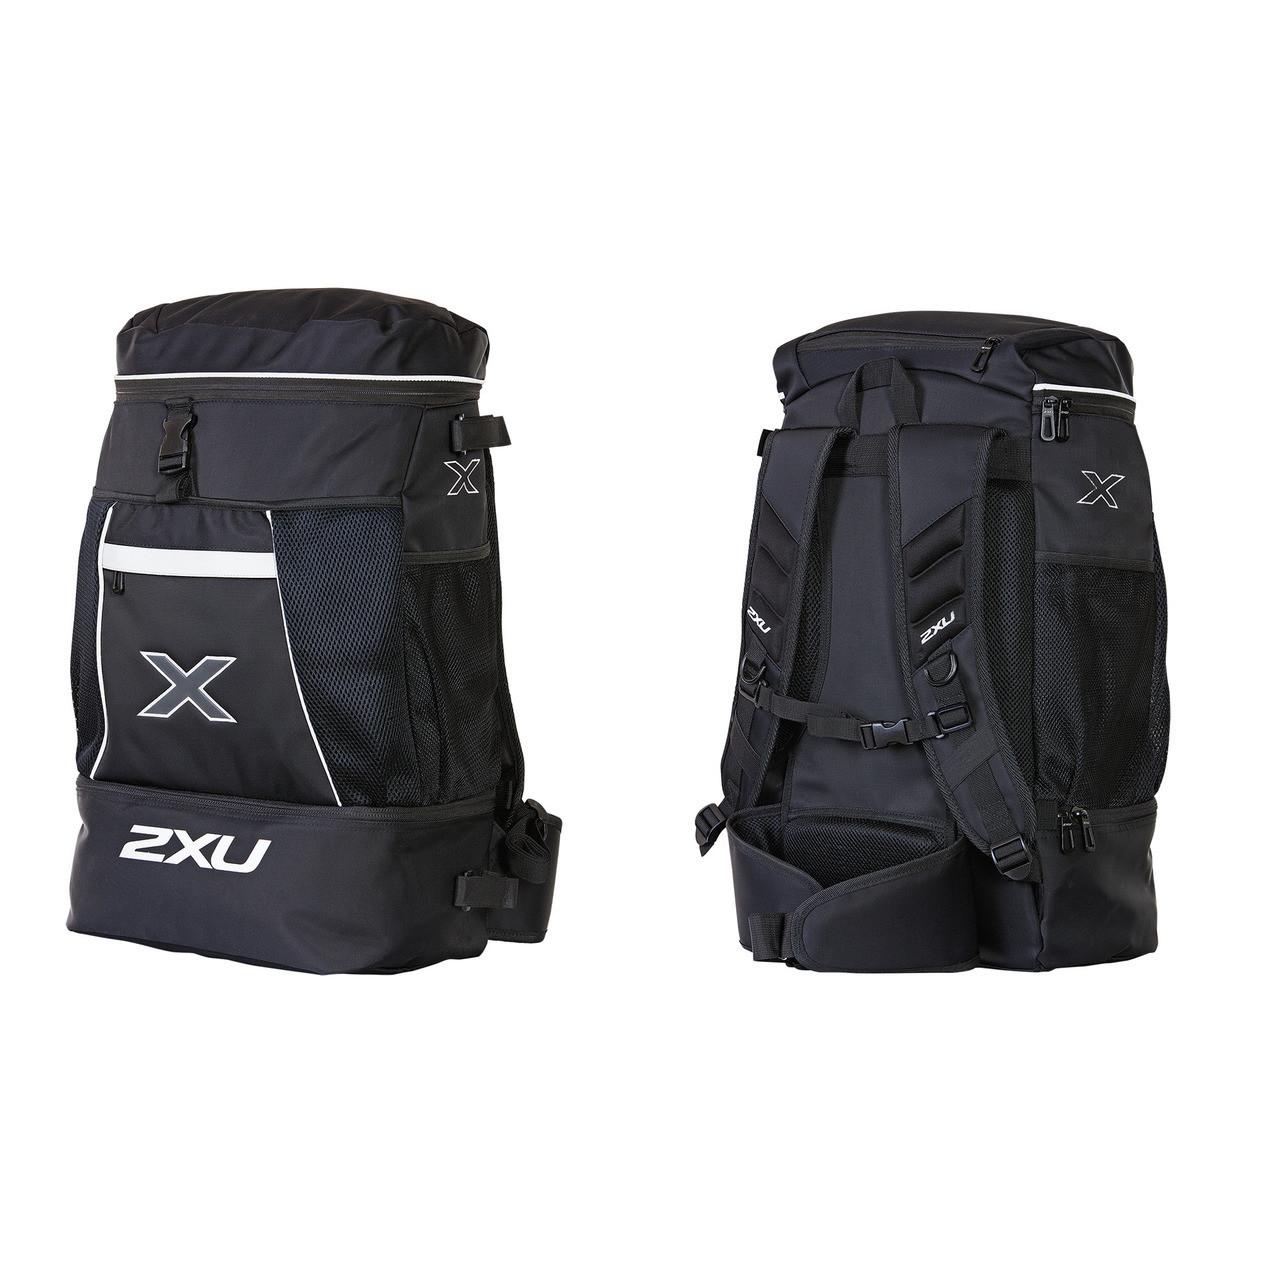 2XU Transition Bag - 2019 price